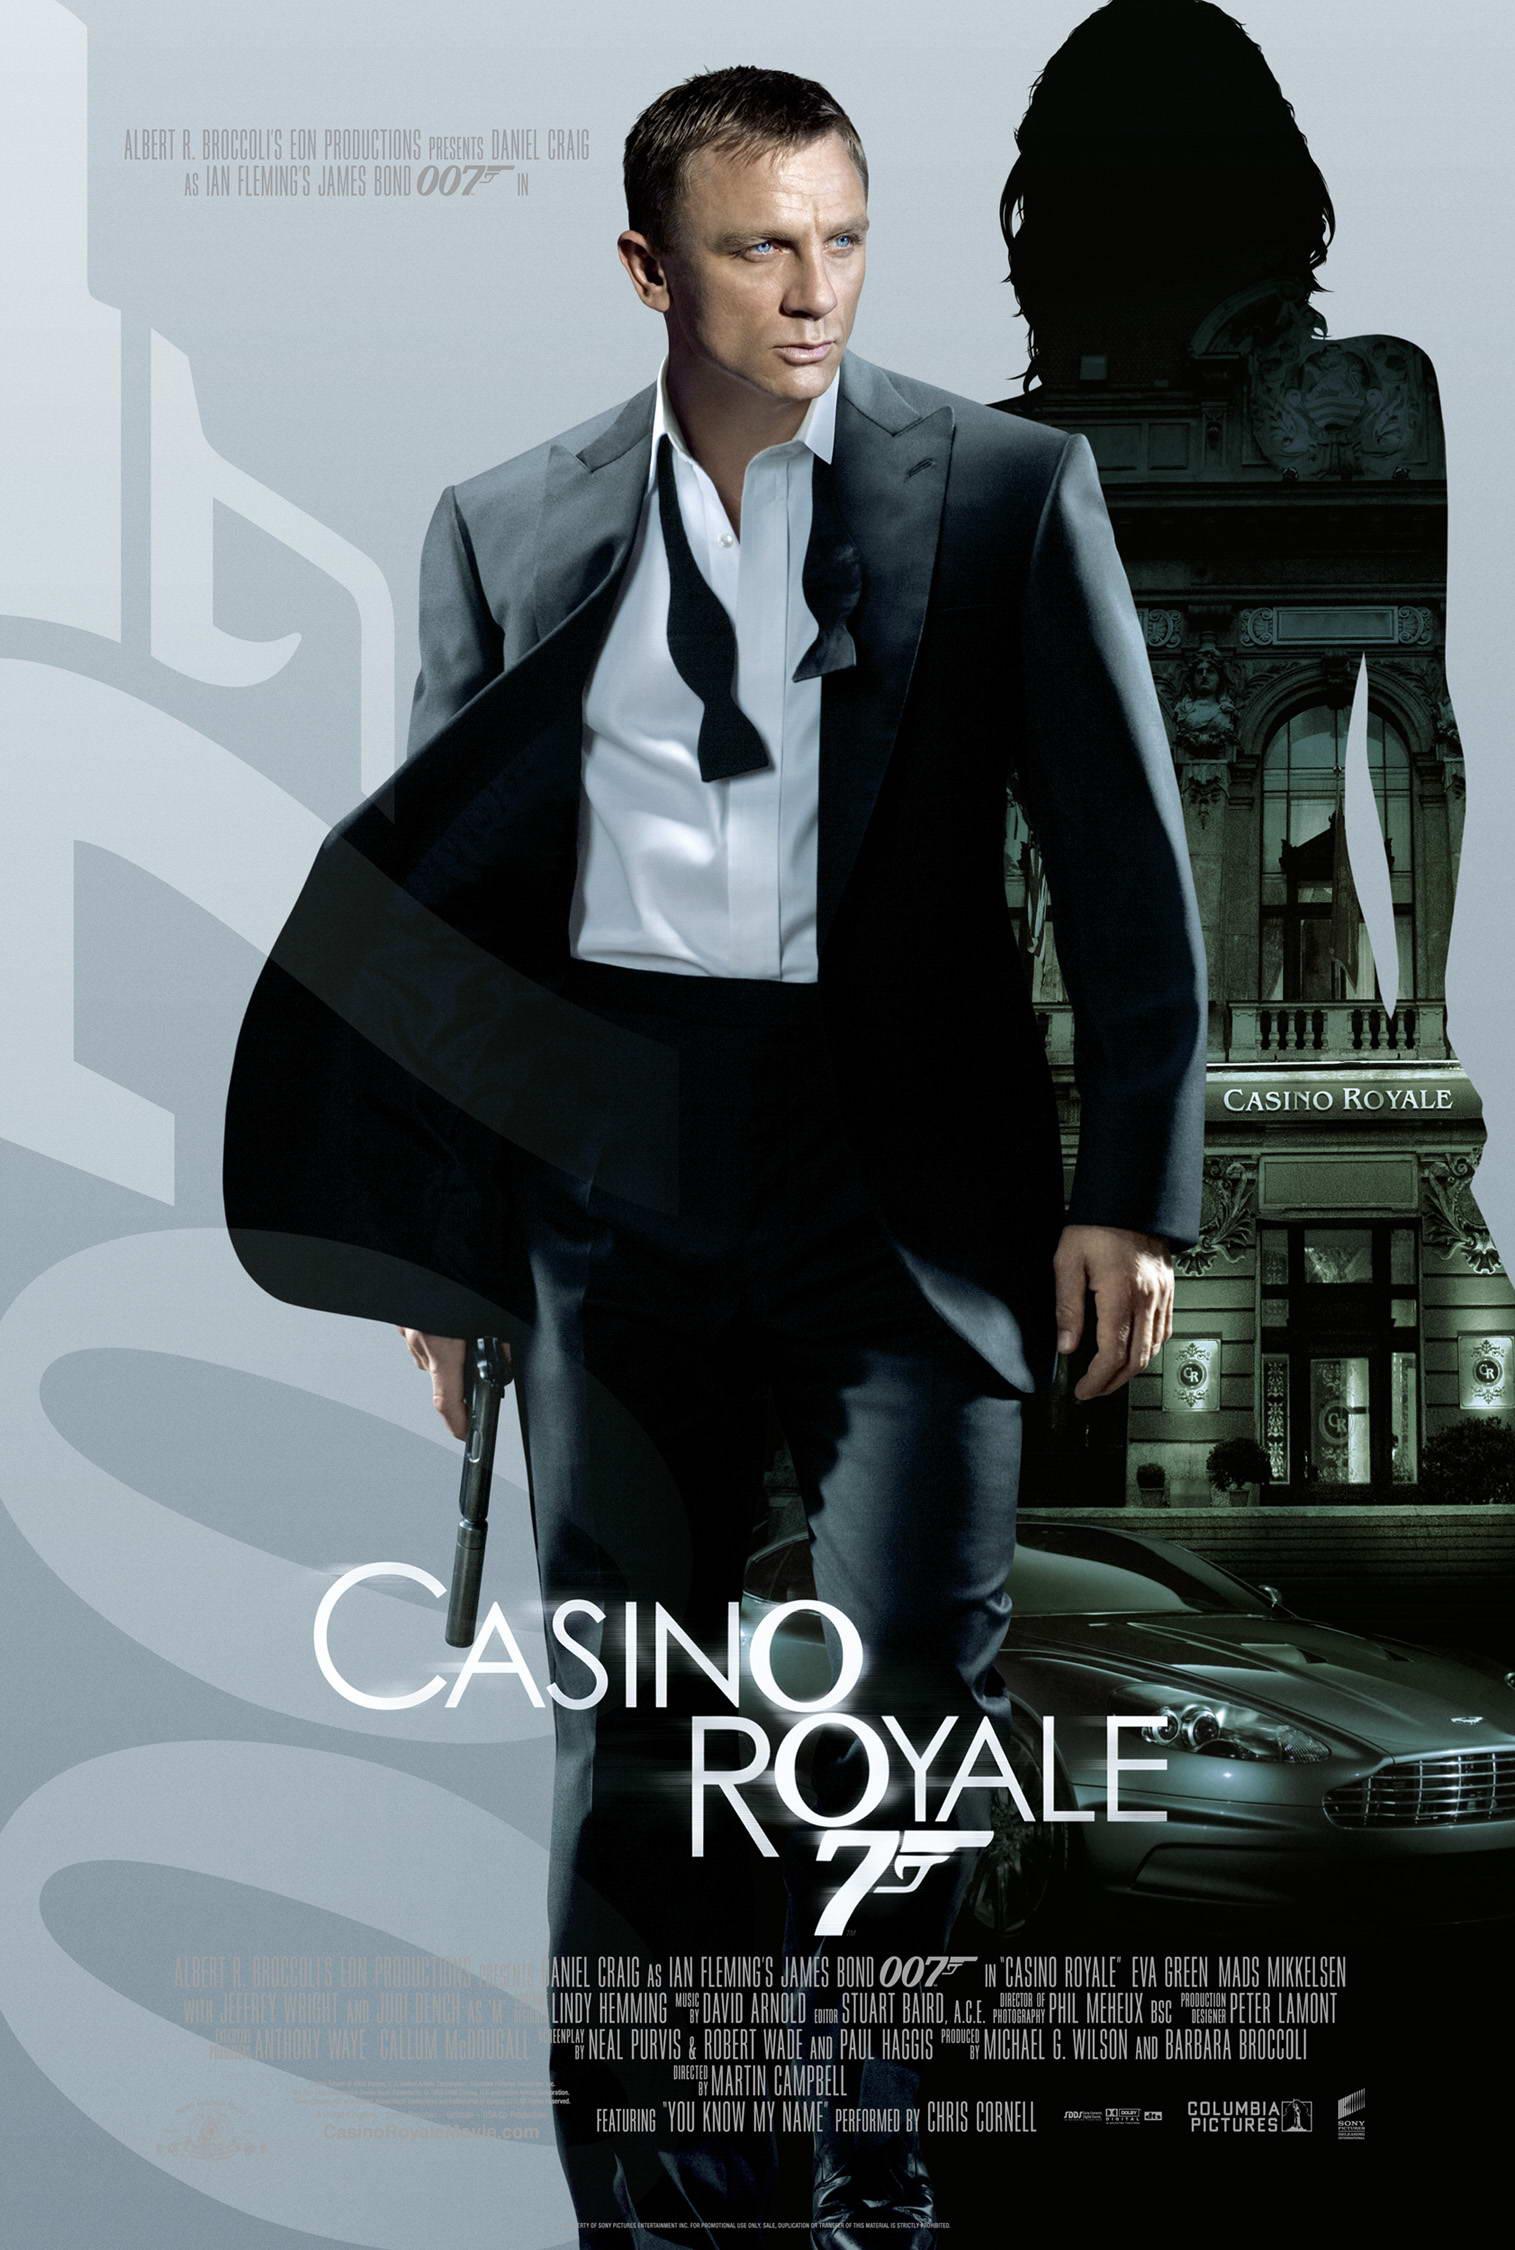 онлайн рояль казино 2 смотреть фильм